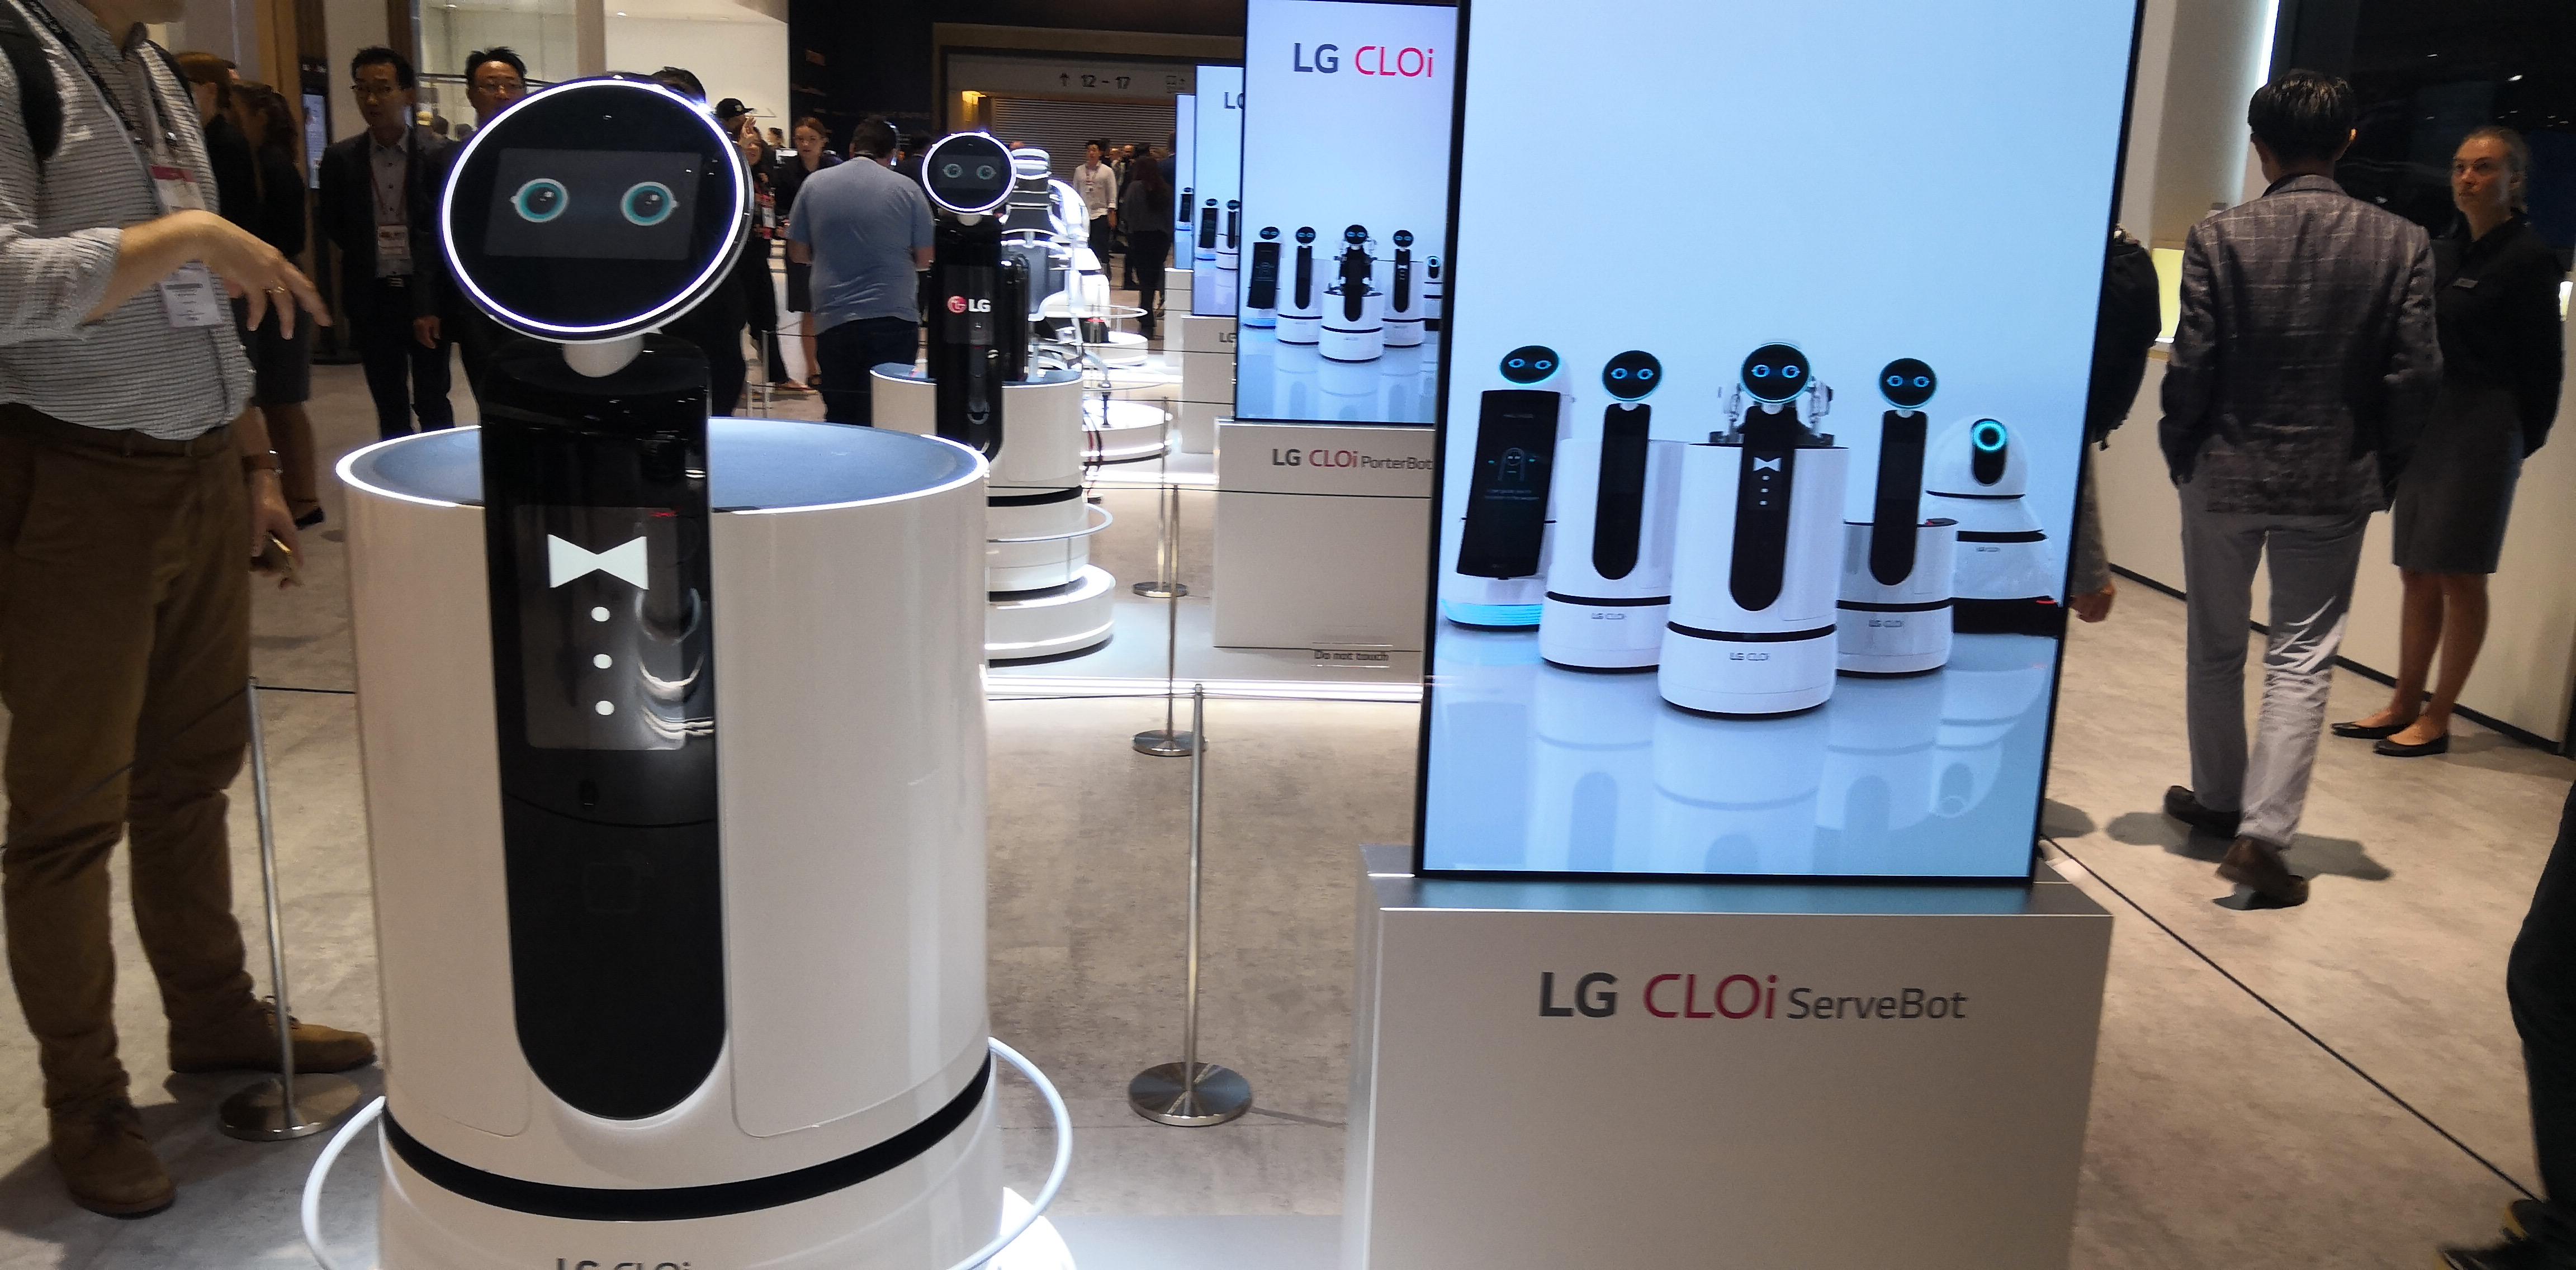 A photo of an LG robot